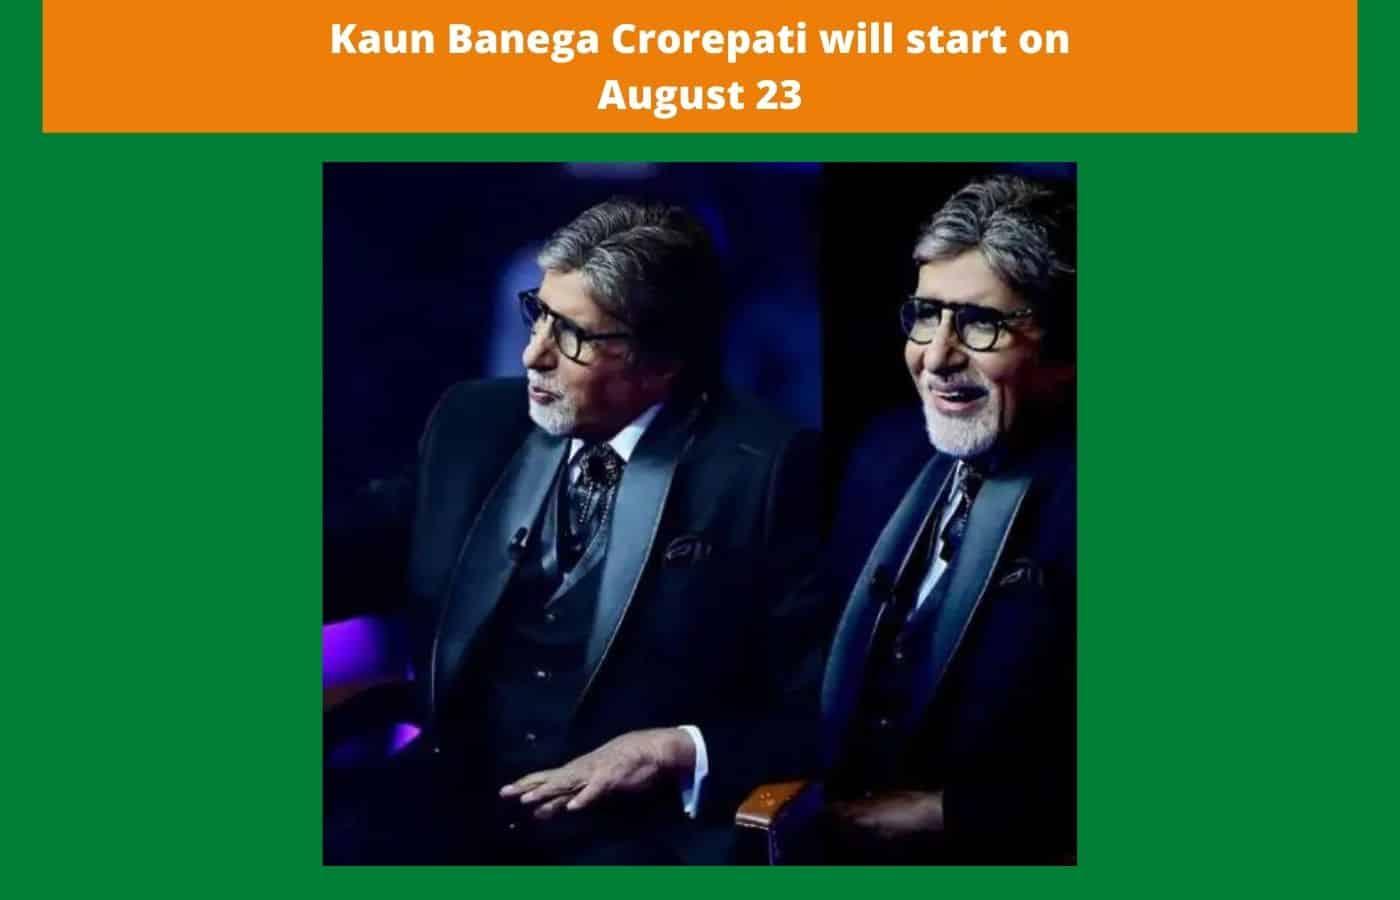 Kaun Banega Crorepati will start on August 23